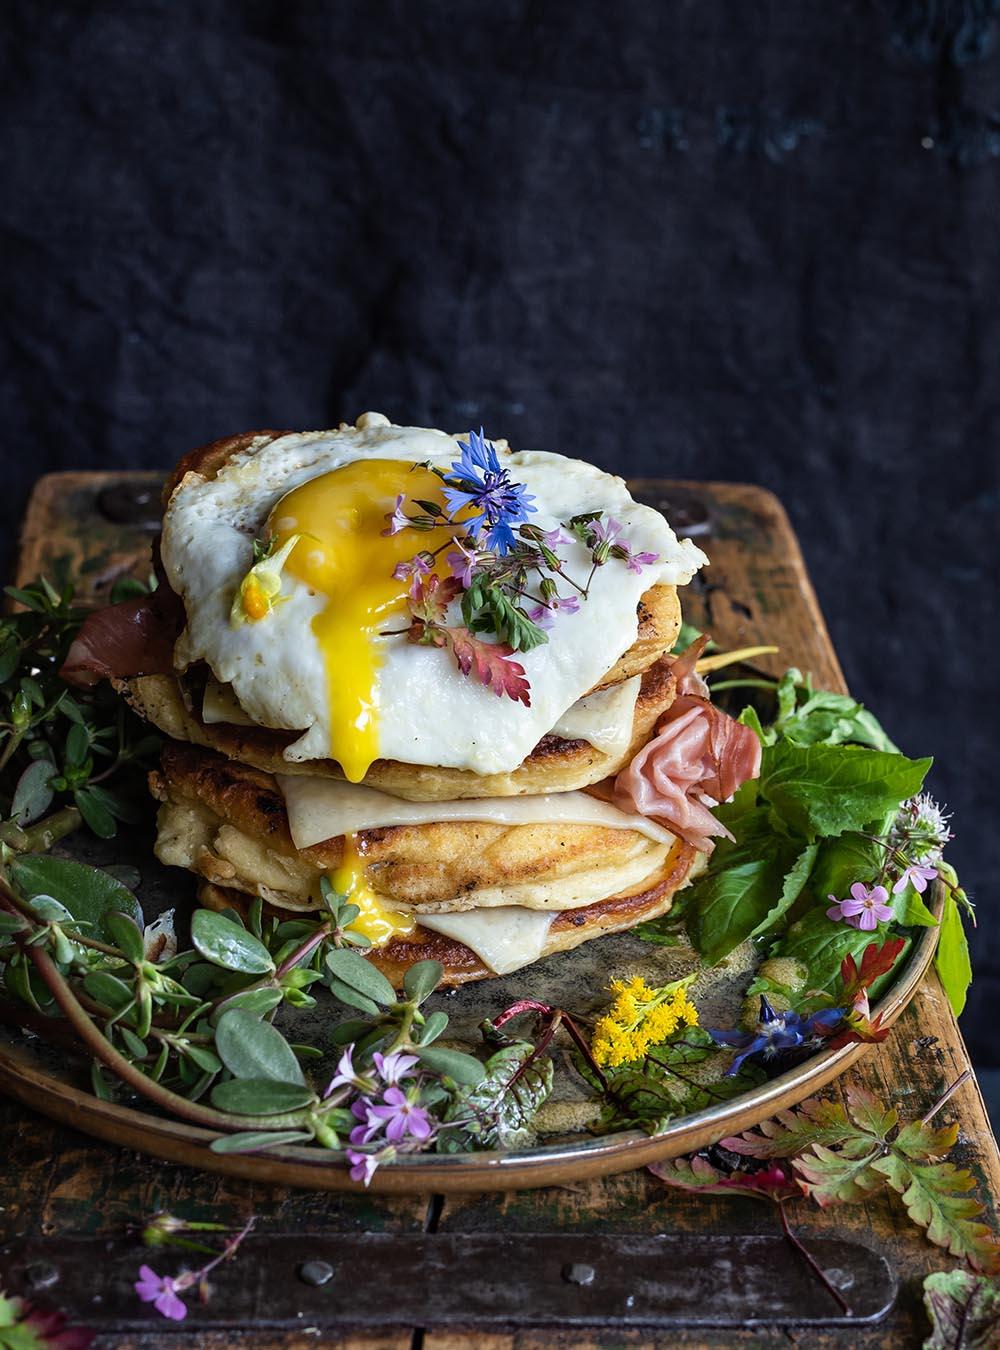 Buttermilch Pancakes mit Tiroler Bergkäse g.U.und Wildkräutersalat - Rezept für die besten, fluffigsten und dicksten Pancakes, die ich je gemacht habe, mit würzigem Käse und selbstgesammelten Kräutern . #pancakes #käse #bergkäse #rezept #tirol #frühstück